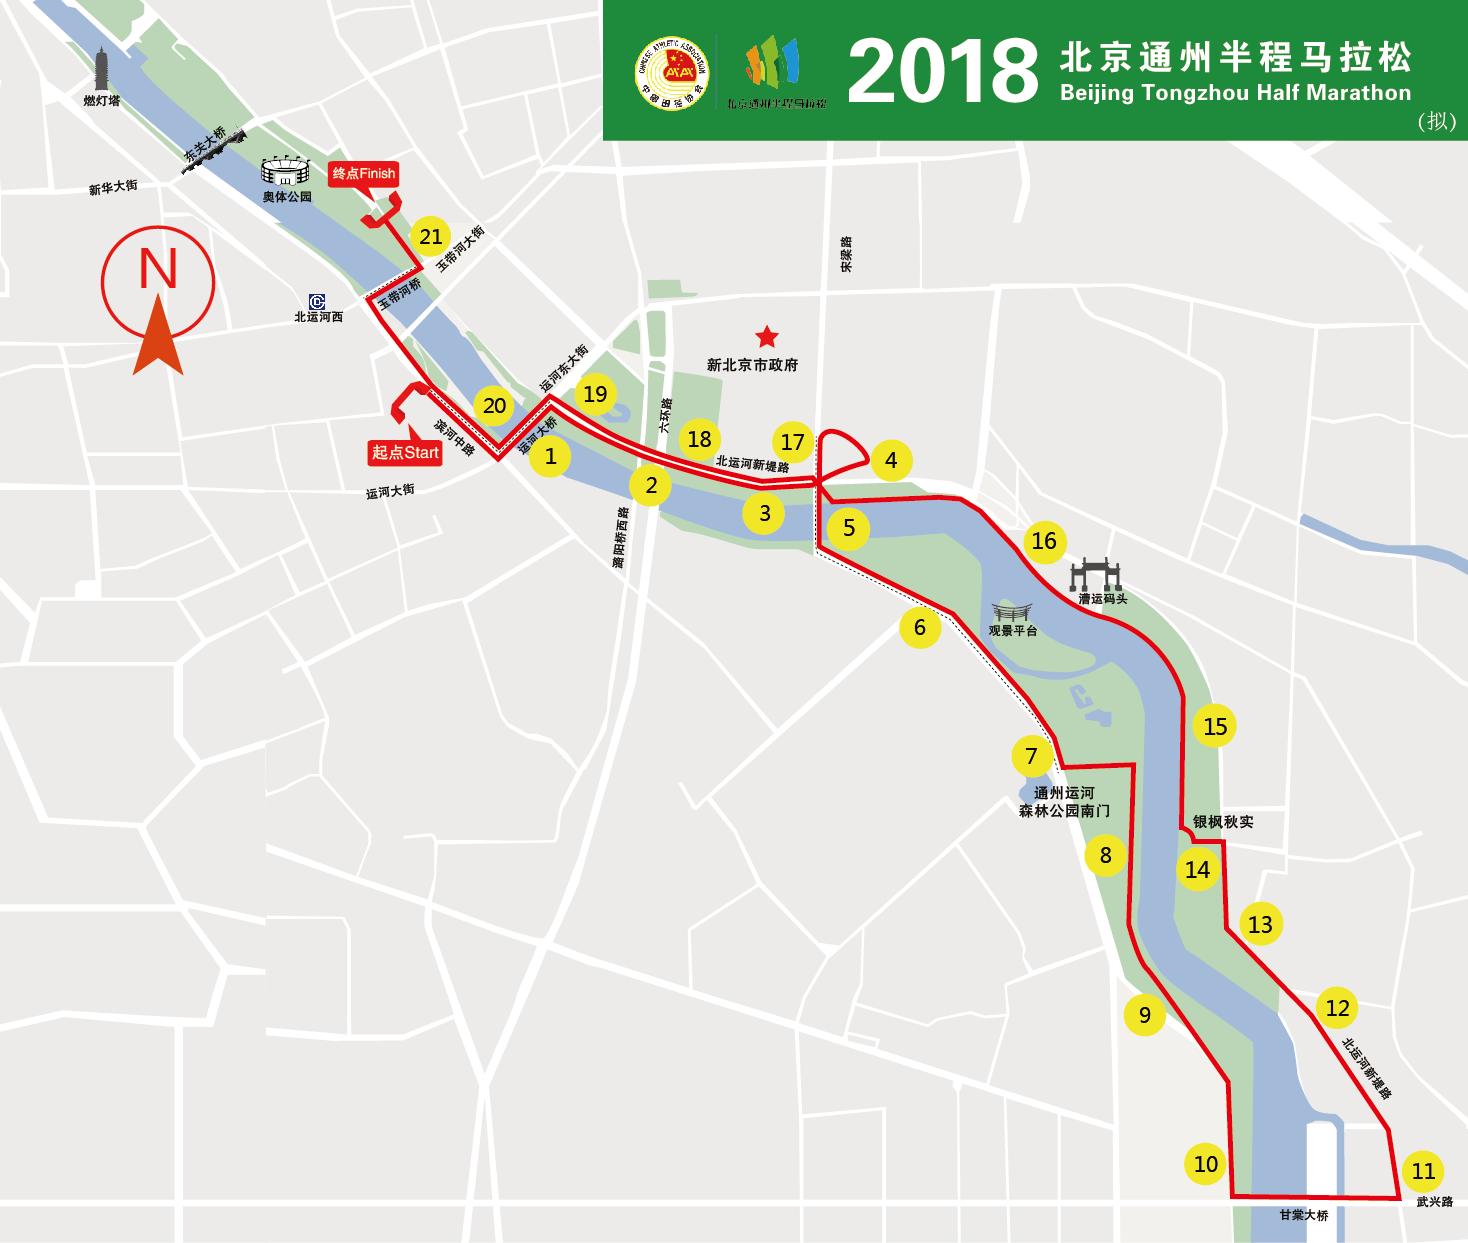 乐跑大运河 聚焦通州城2018北京通州半程马拉松